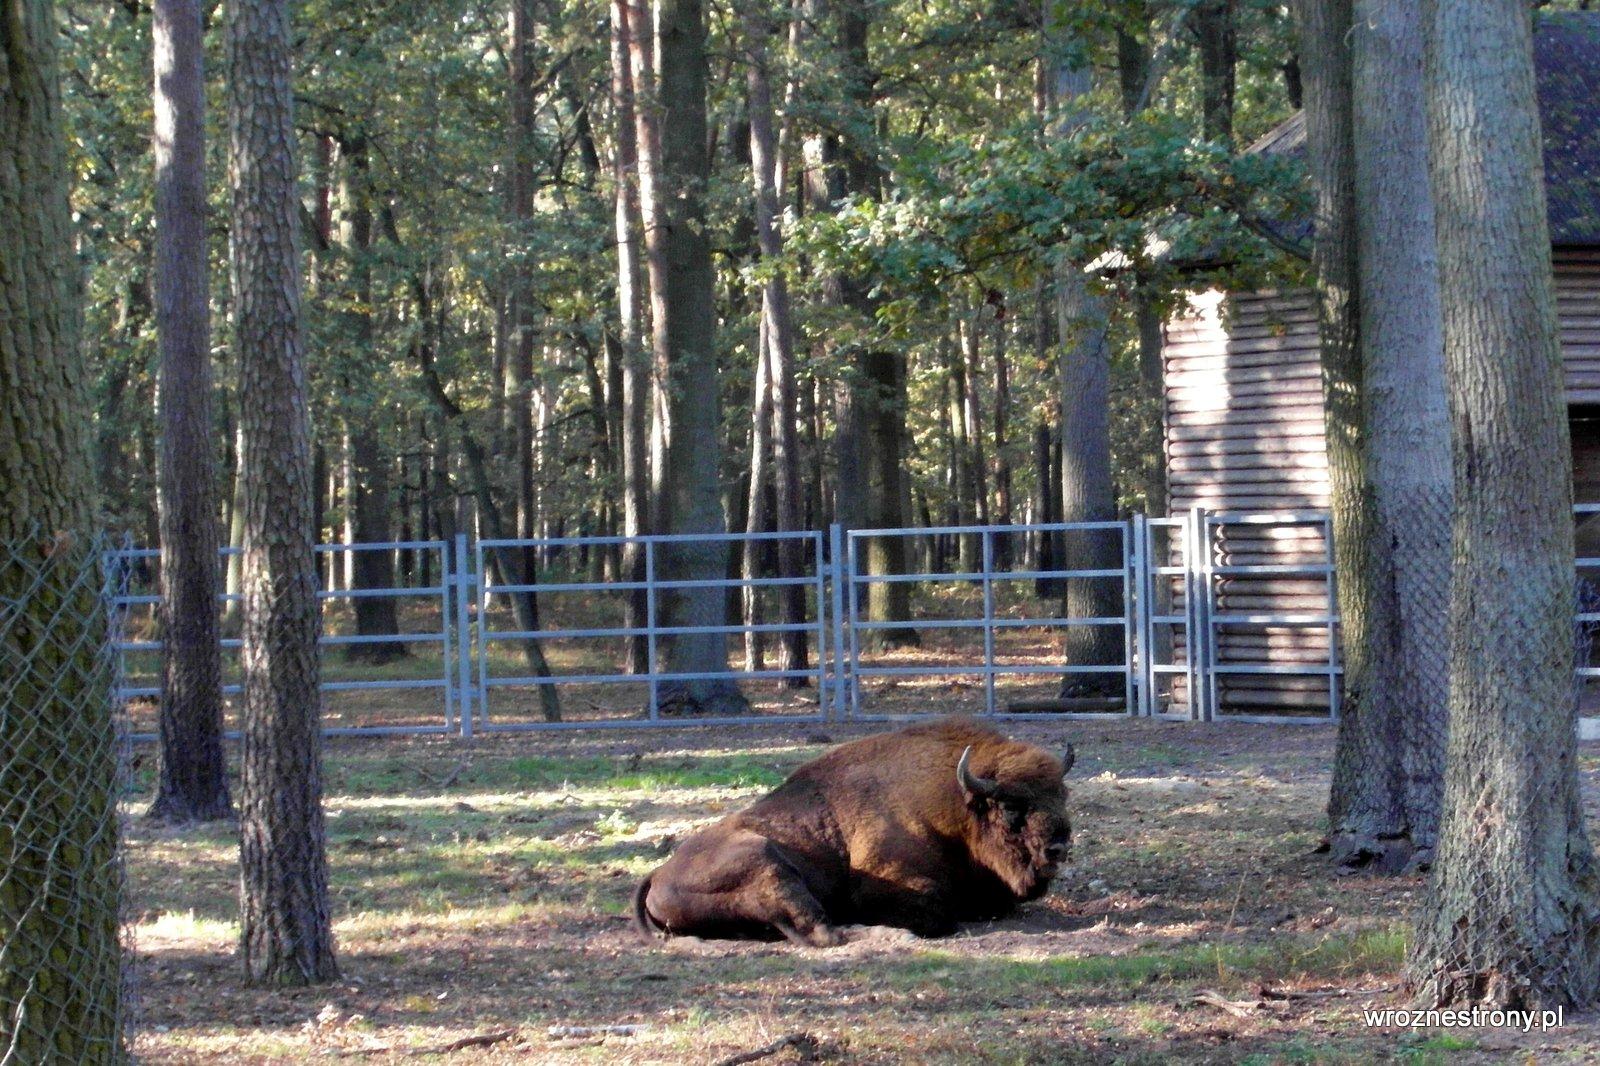 Żubr w zagrodzie w parku w Gołuchowie